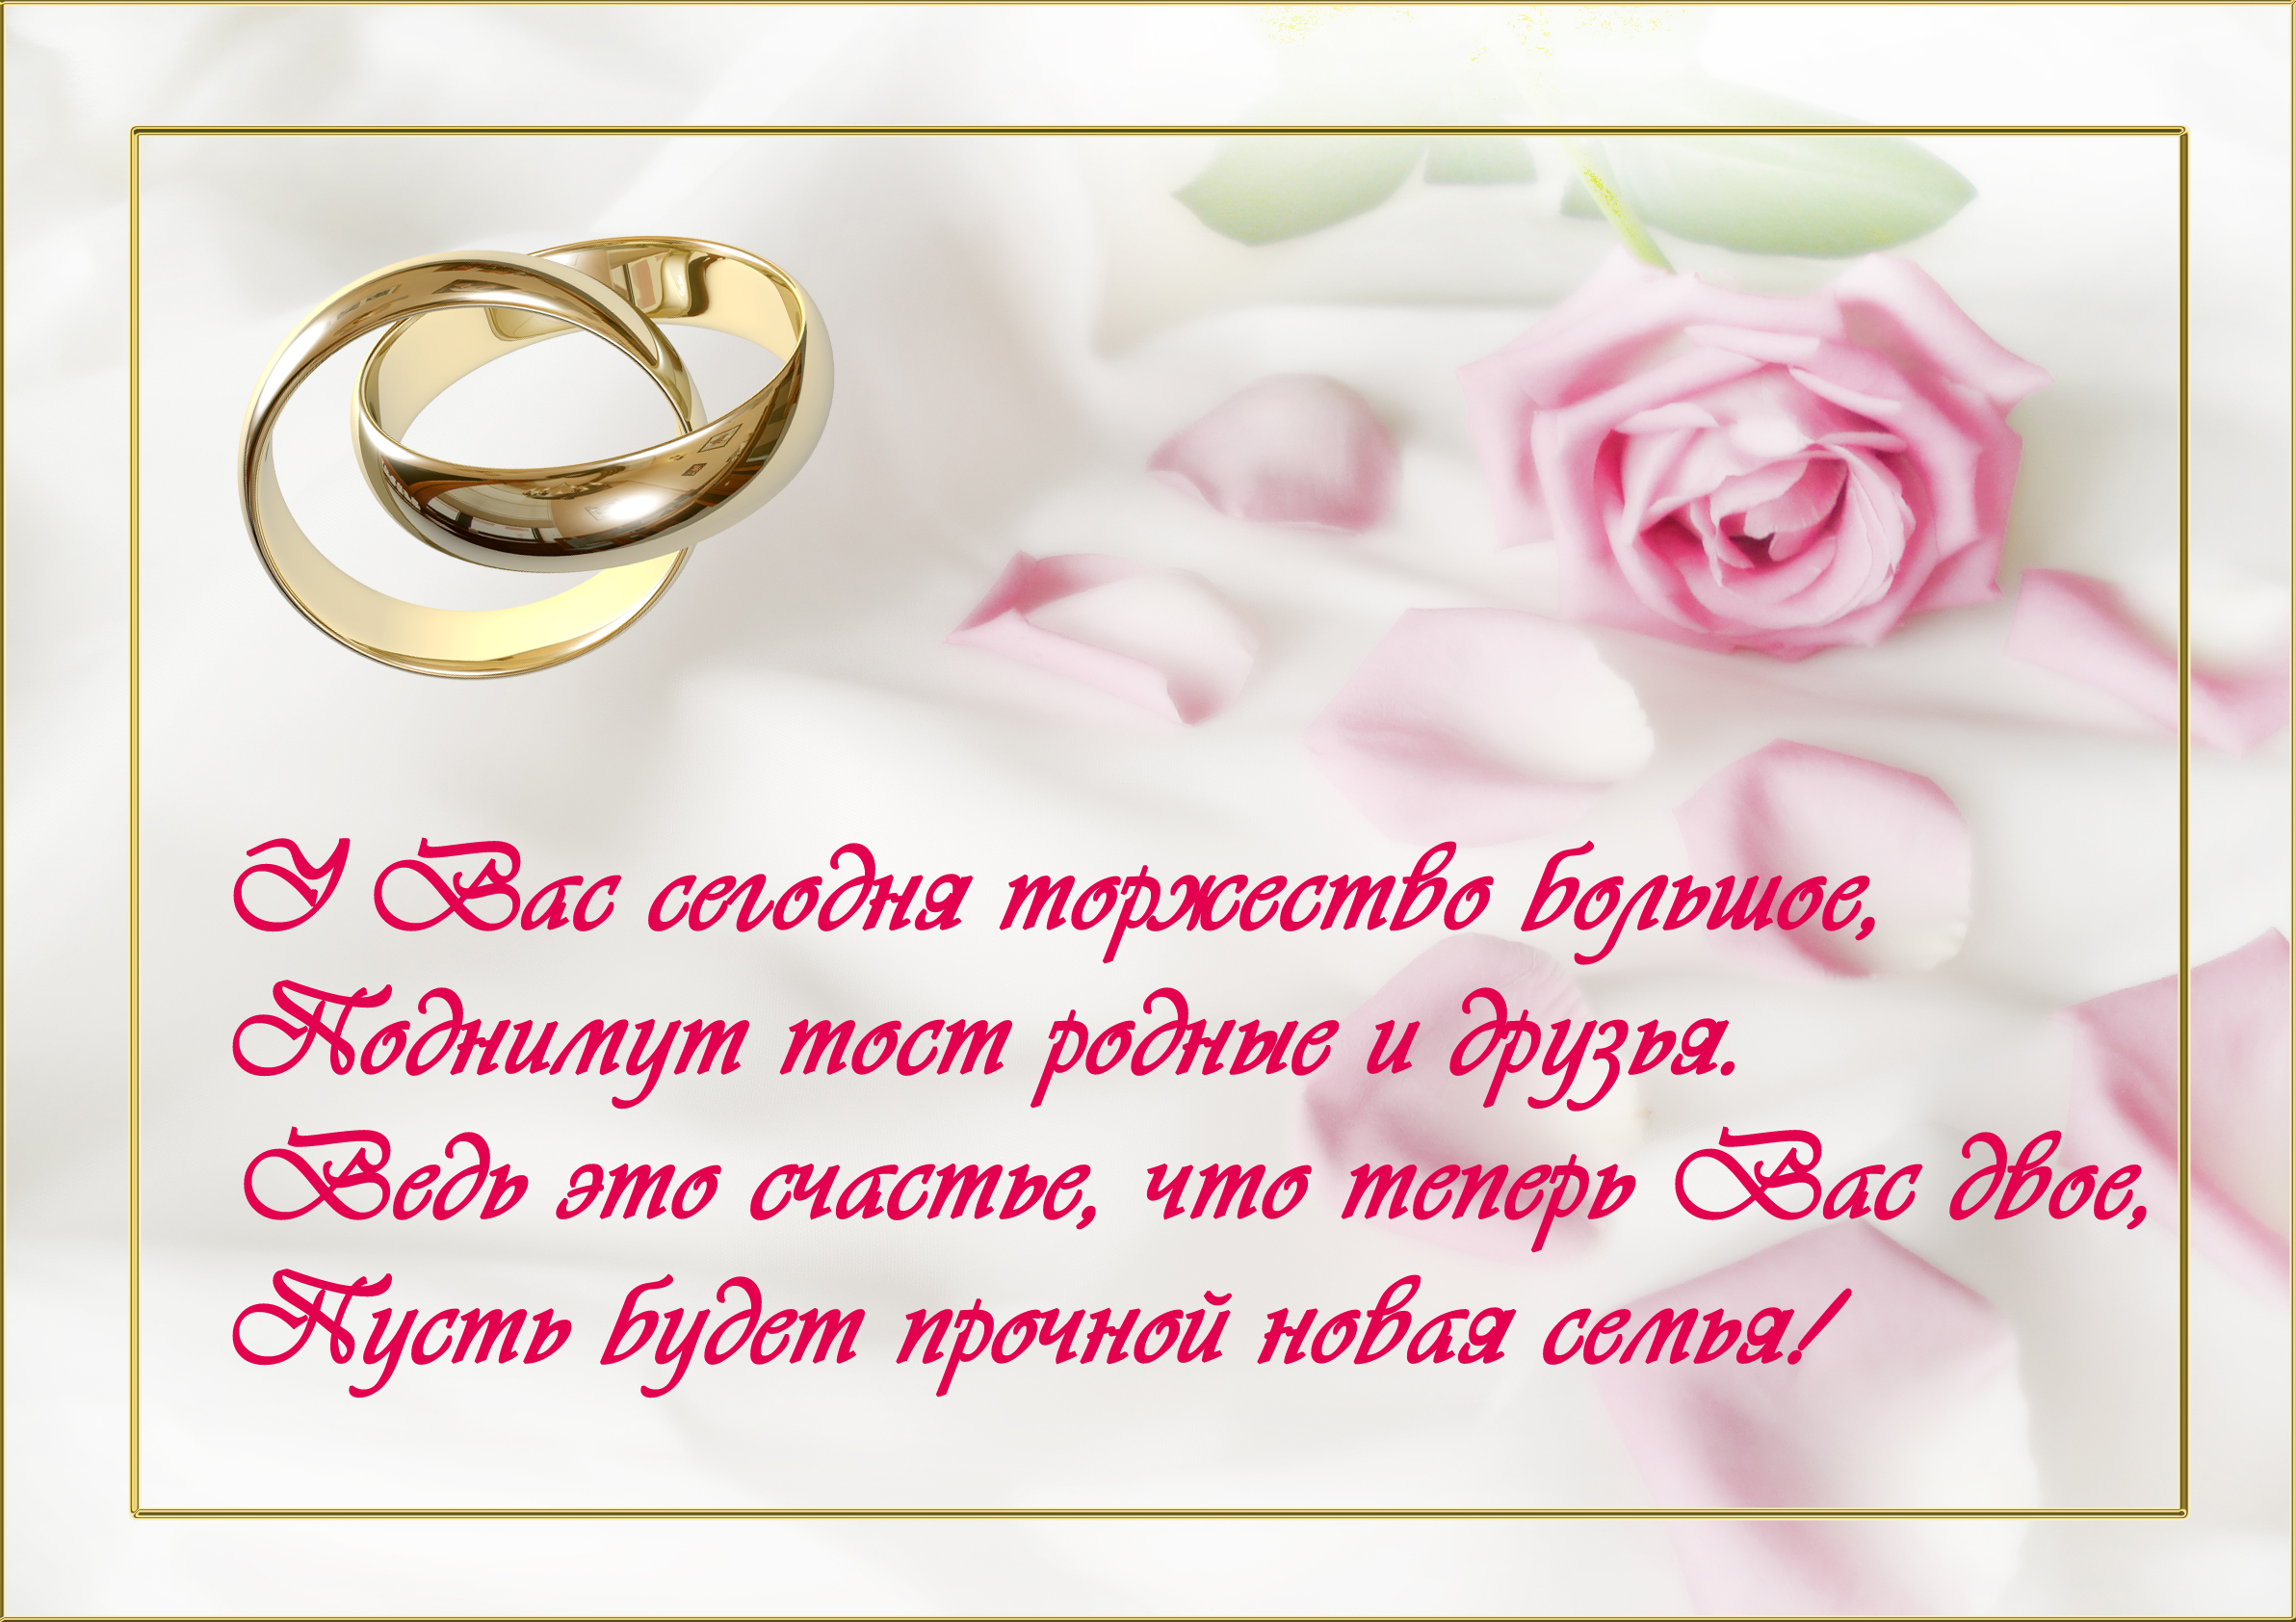 Трах с невестой на свадьбе такой